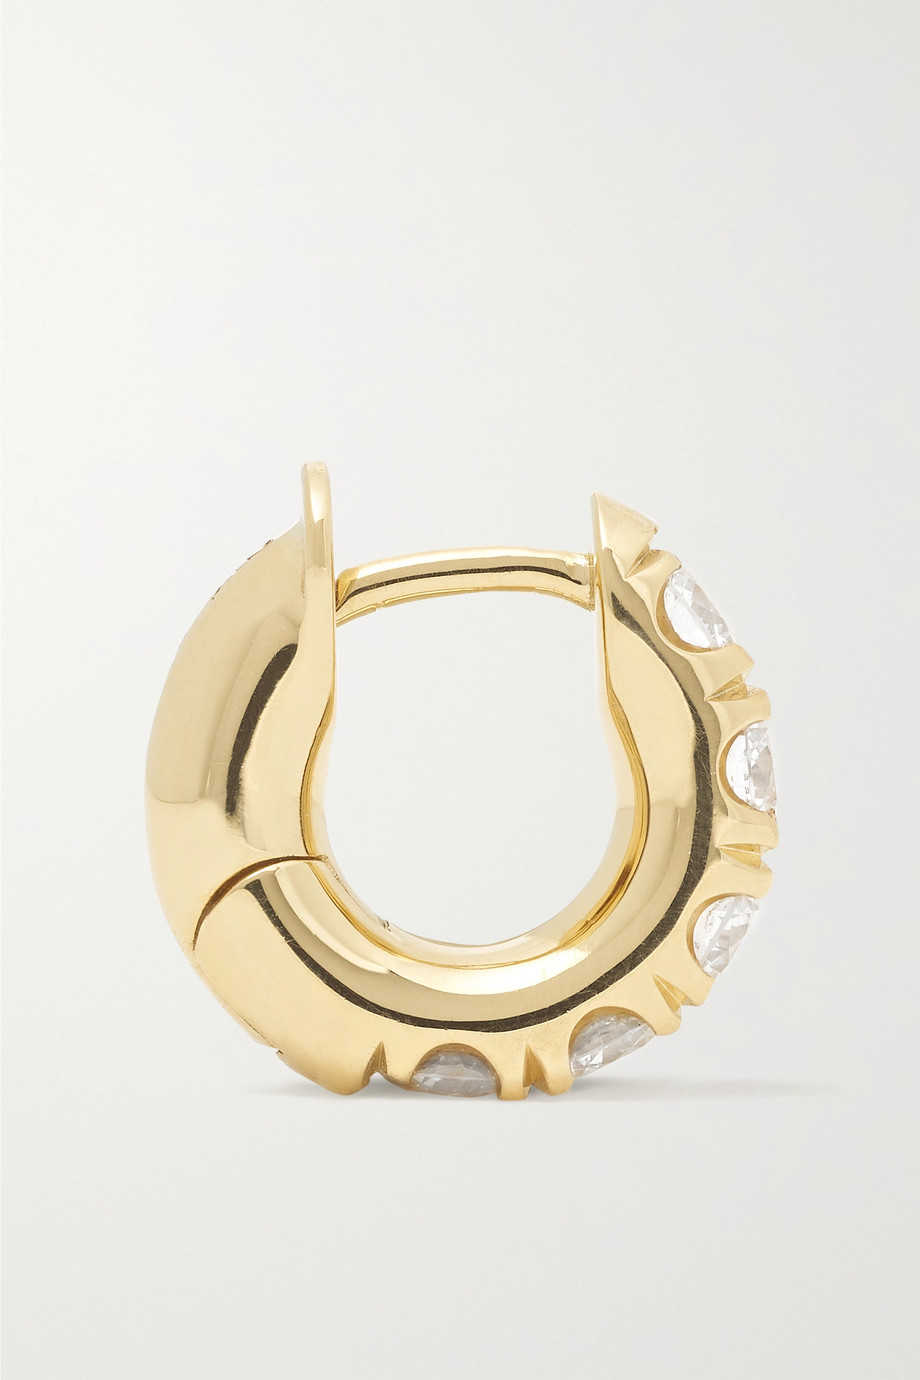 Spinelli Kilcollin 18K 黄金钻石单只耳环